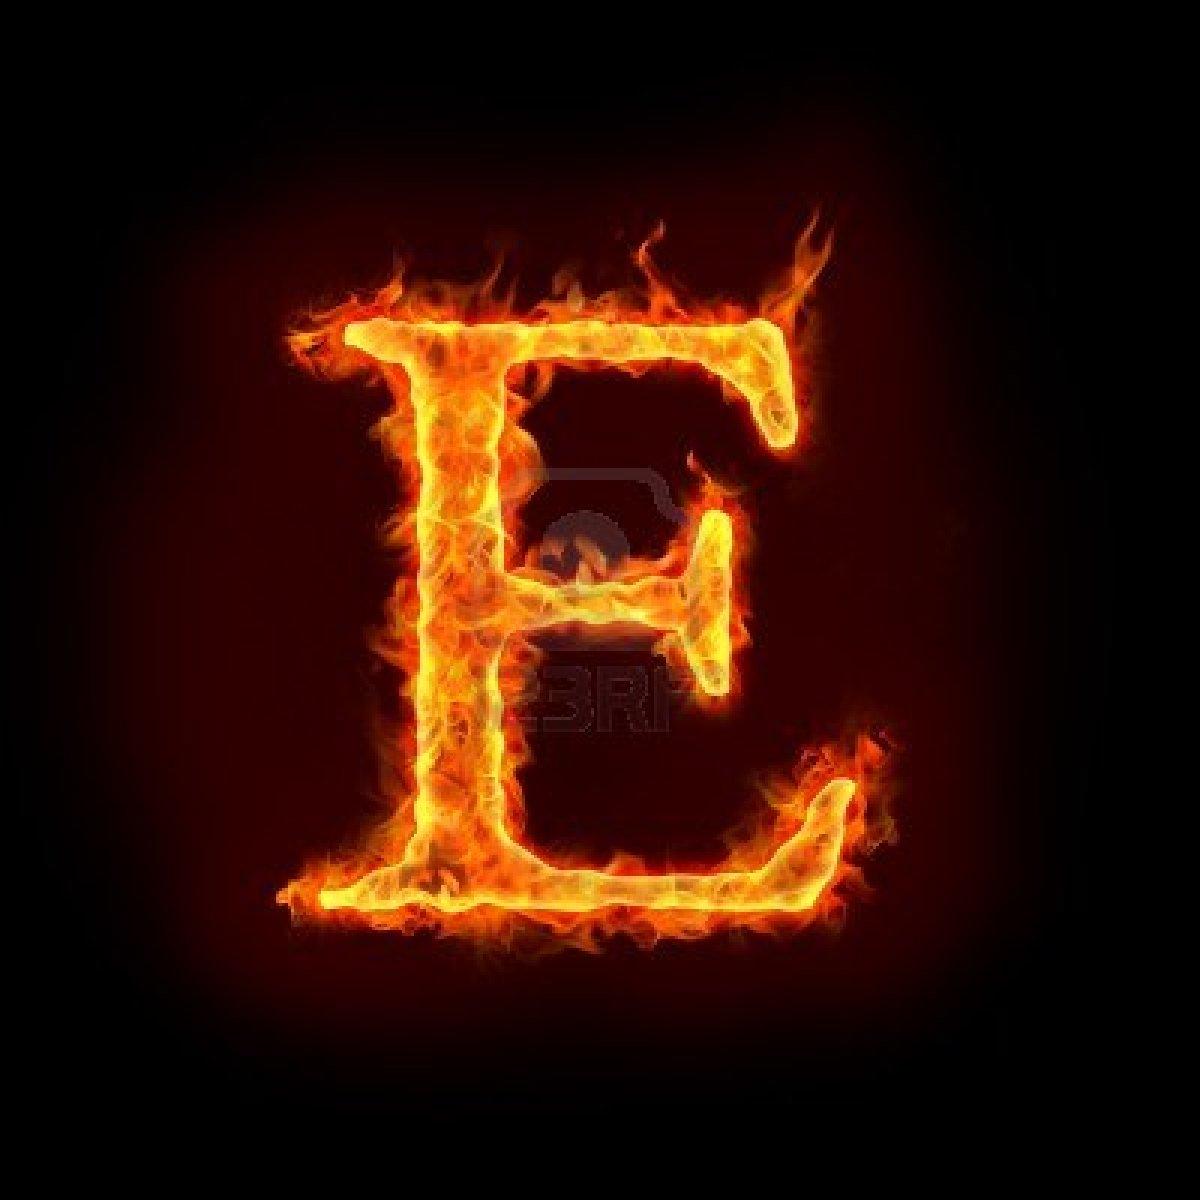 B Letter In Fire آوای دل من...